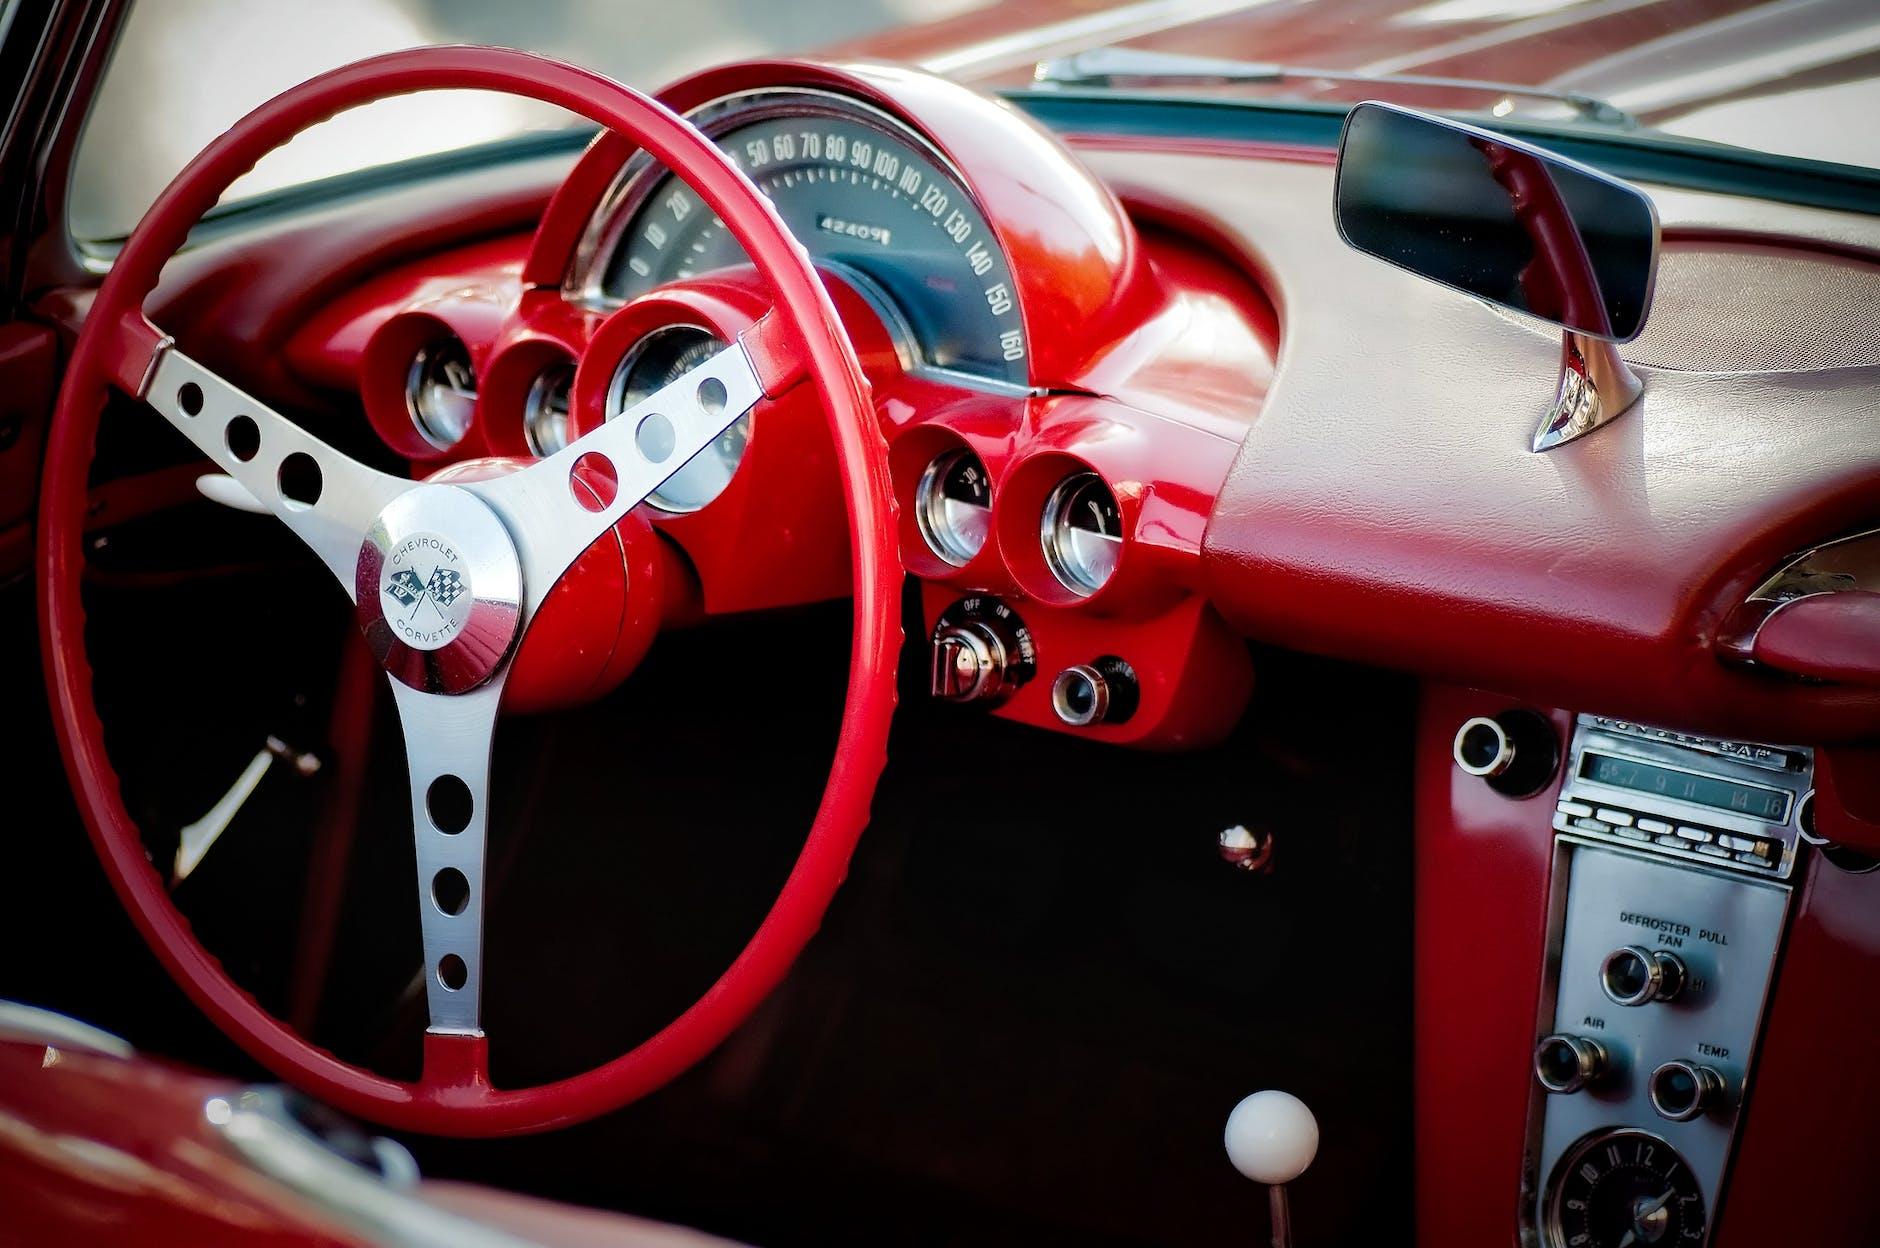 Interieur eines roten Autos | Quelle: Pexels